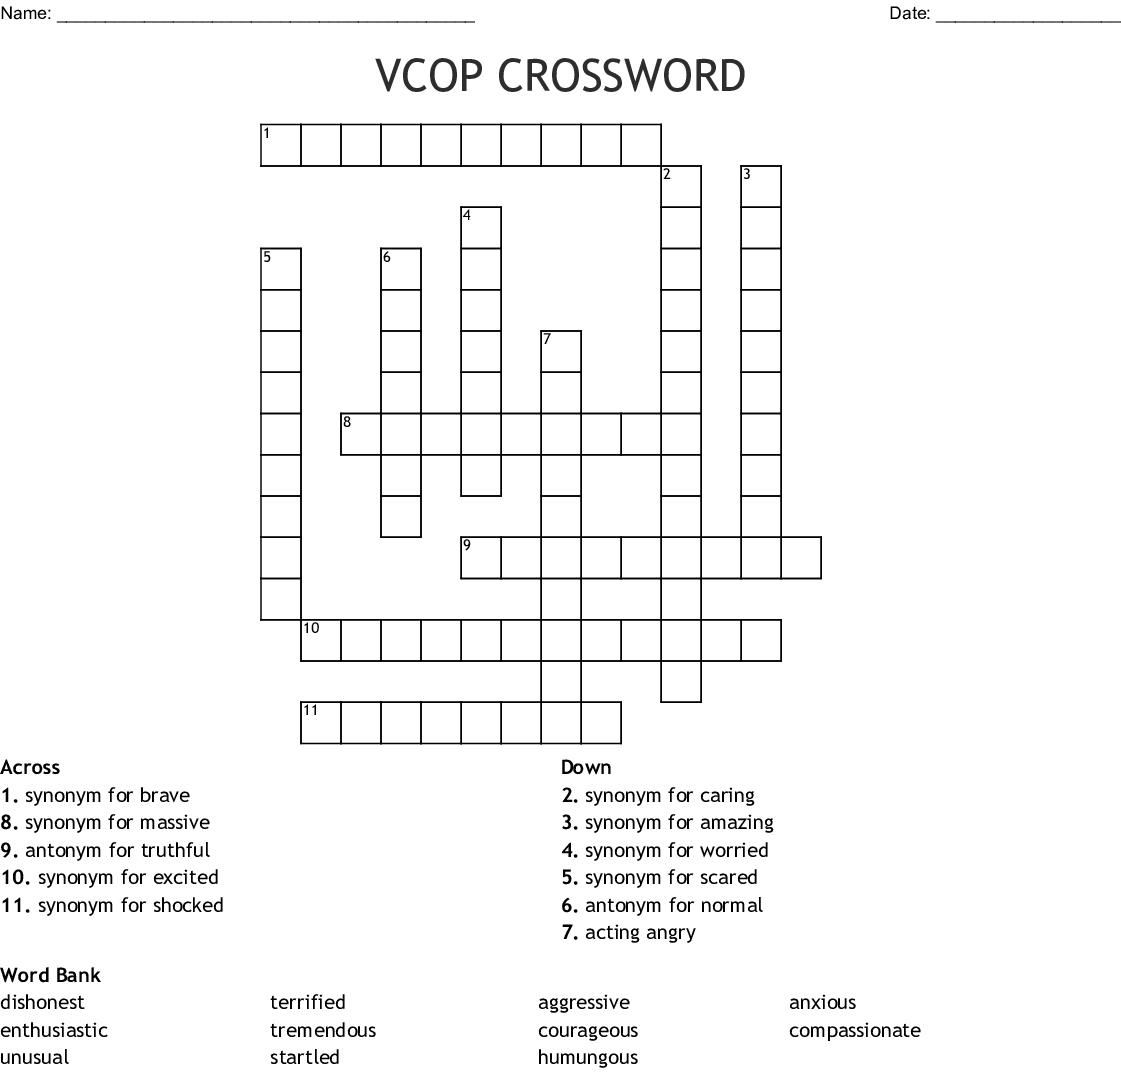 VCOP CROSSWORD - WordMint